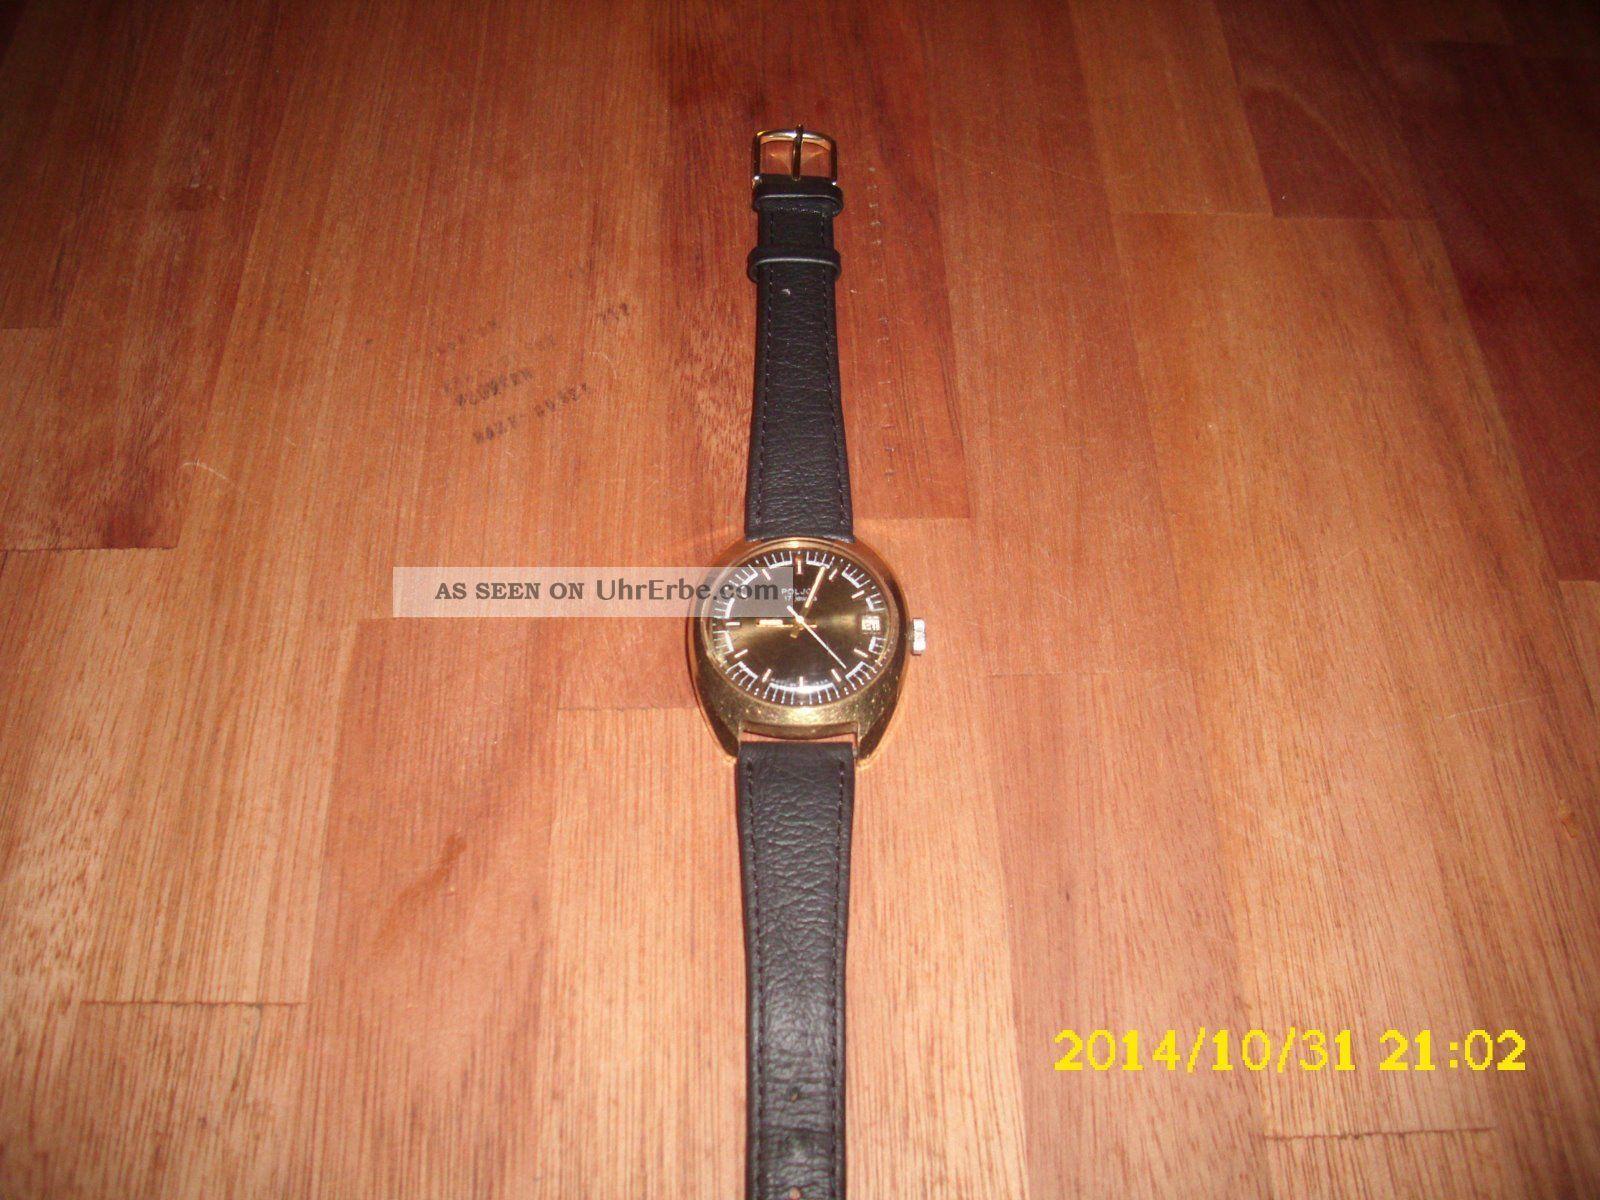 Armbanduhr Mechanisch - Poljot - Mit Datumanzeige,  Sekundenzeiger - Armbanduhren Bild